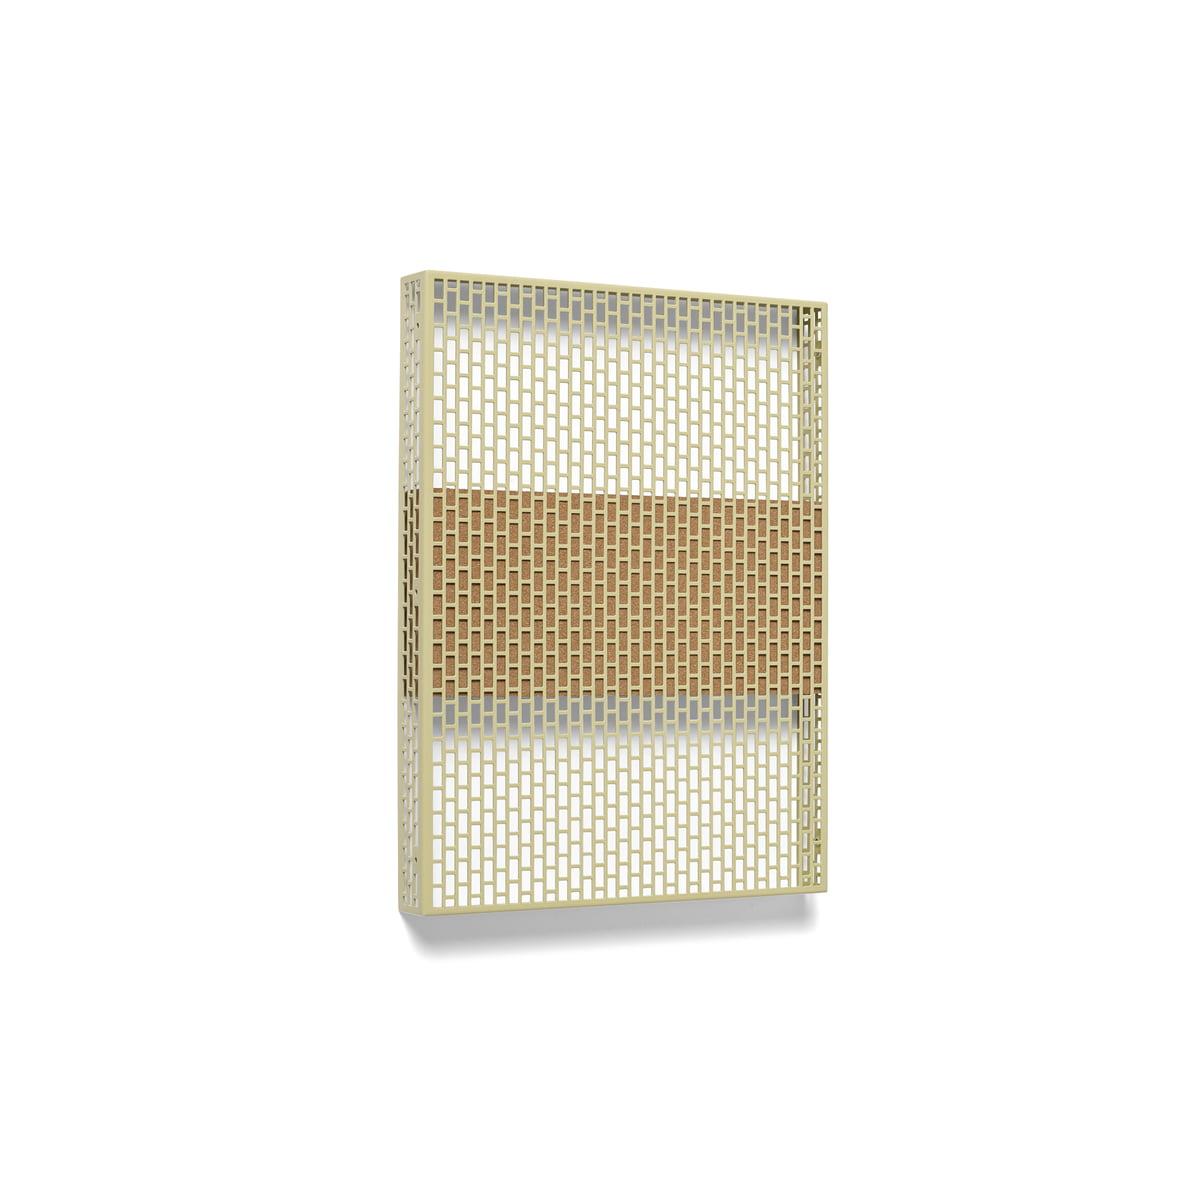 Hay - Pinorama Board small, mustard | Büro > Tafeln und Boards | Senf | Stahl pulverbeschichtet -  kork | Hay